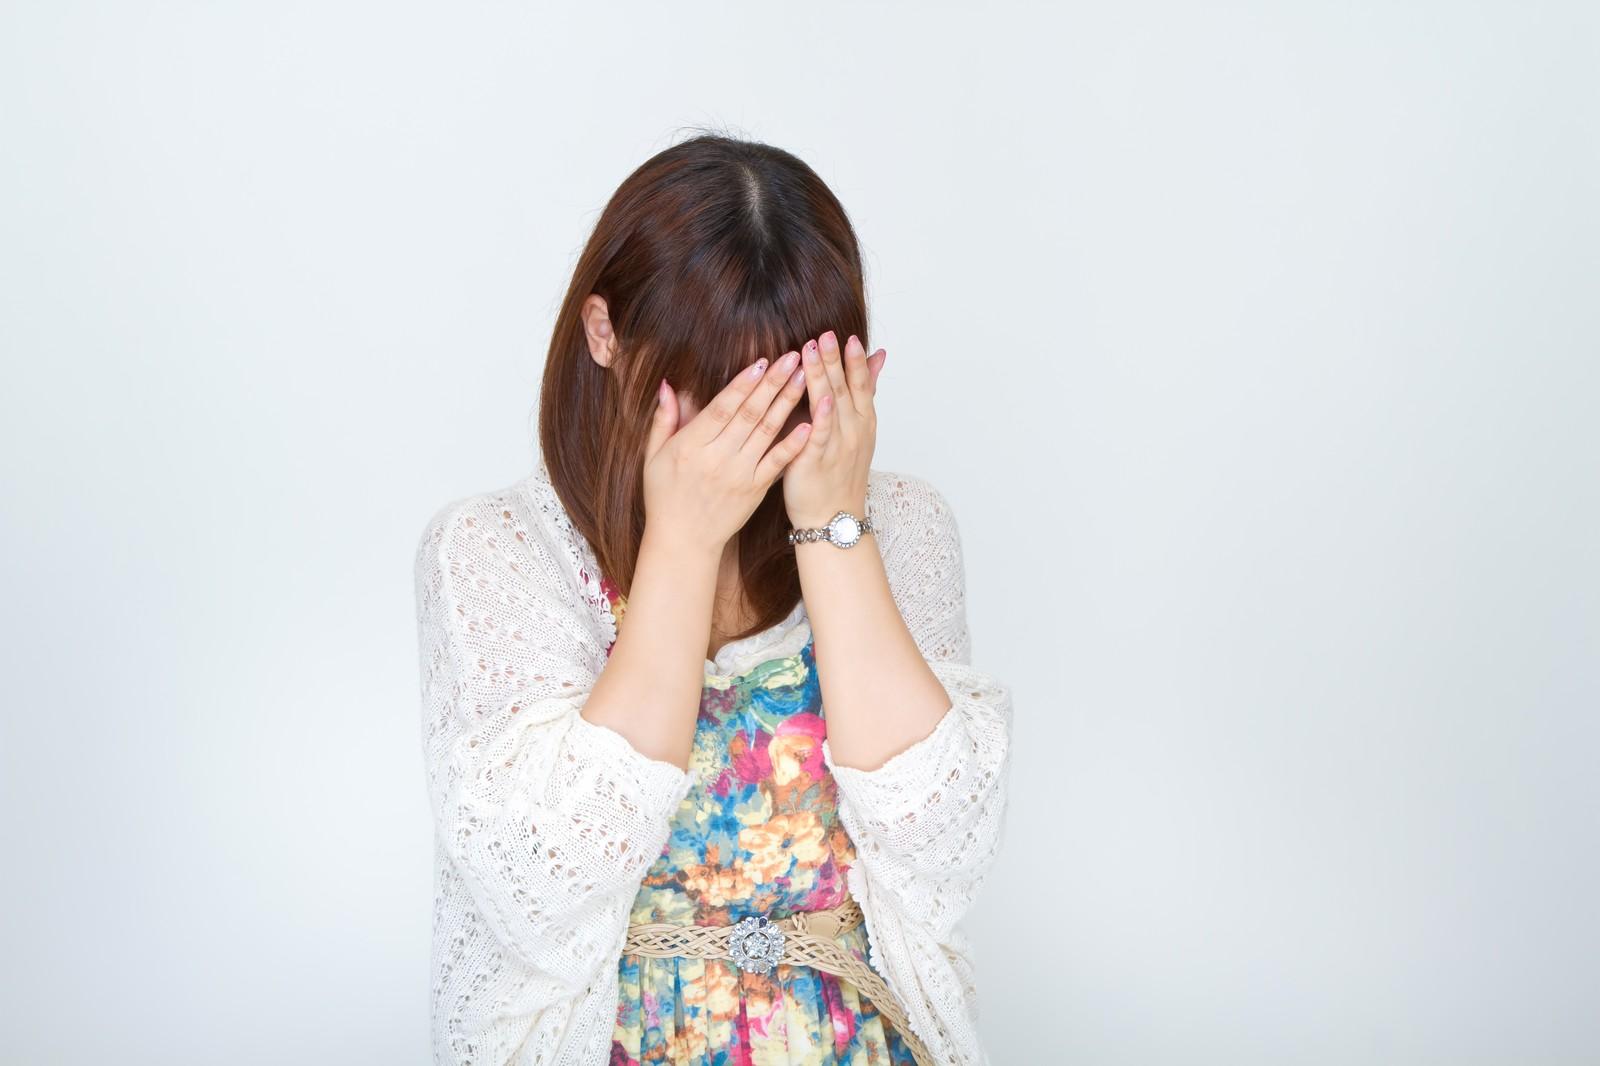 自己判断は悪化の原因になることも。顔のシミの取り方について正しい知識を身につけましょう!